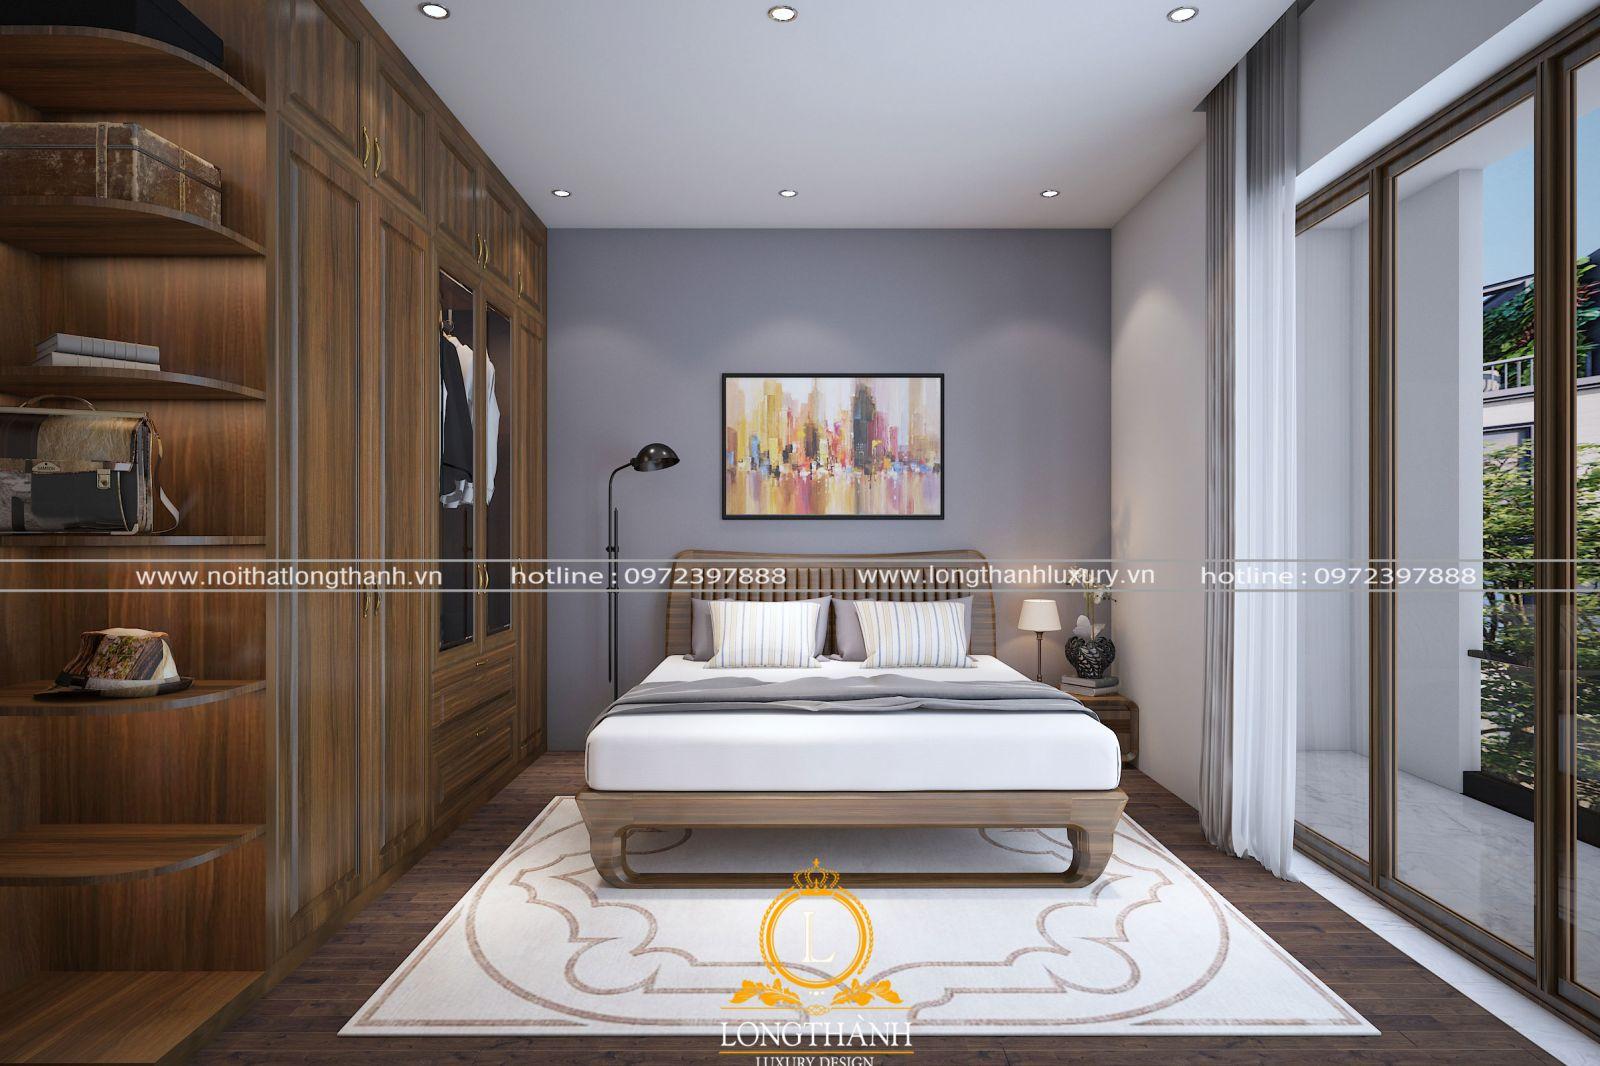 Phòng ngủ hiện đại kết hợp màu sắc linh hoạt cho không gian sang trọng